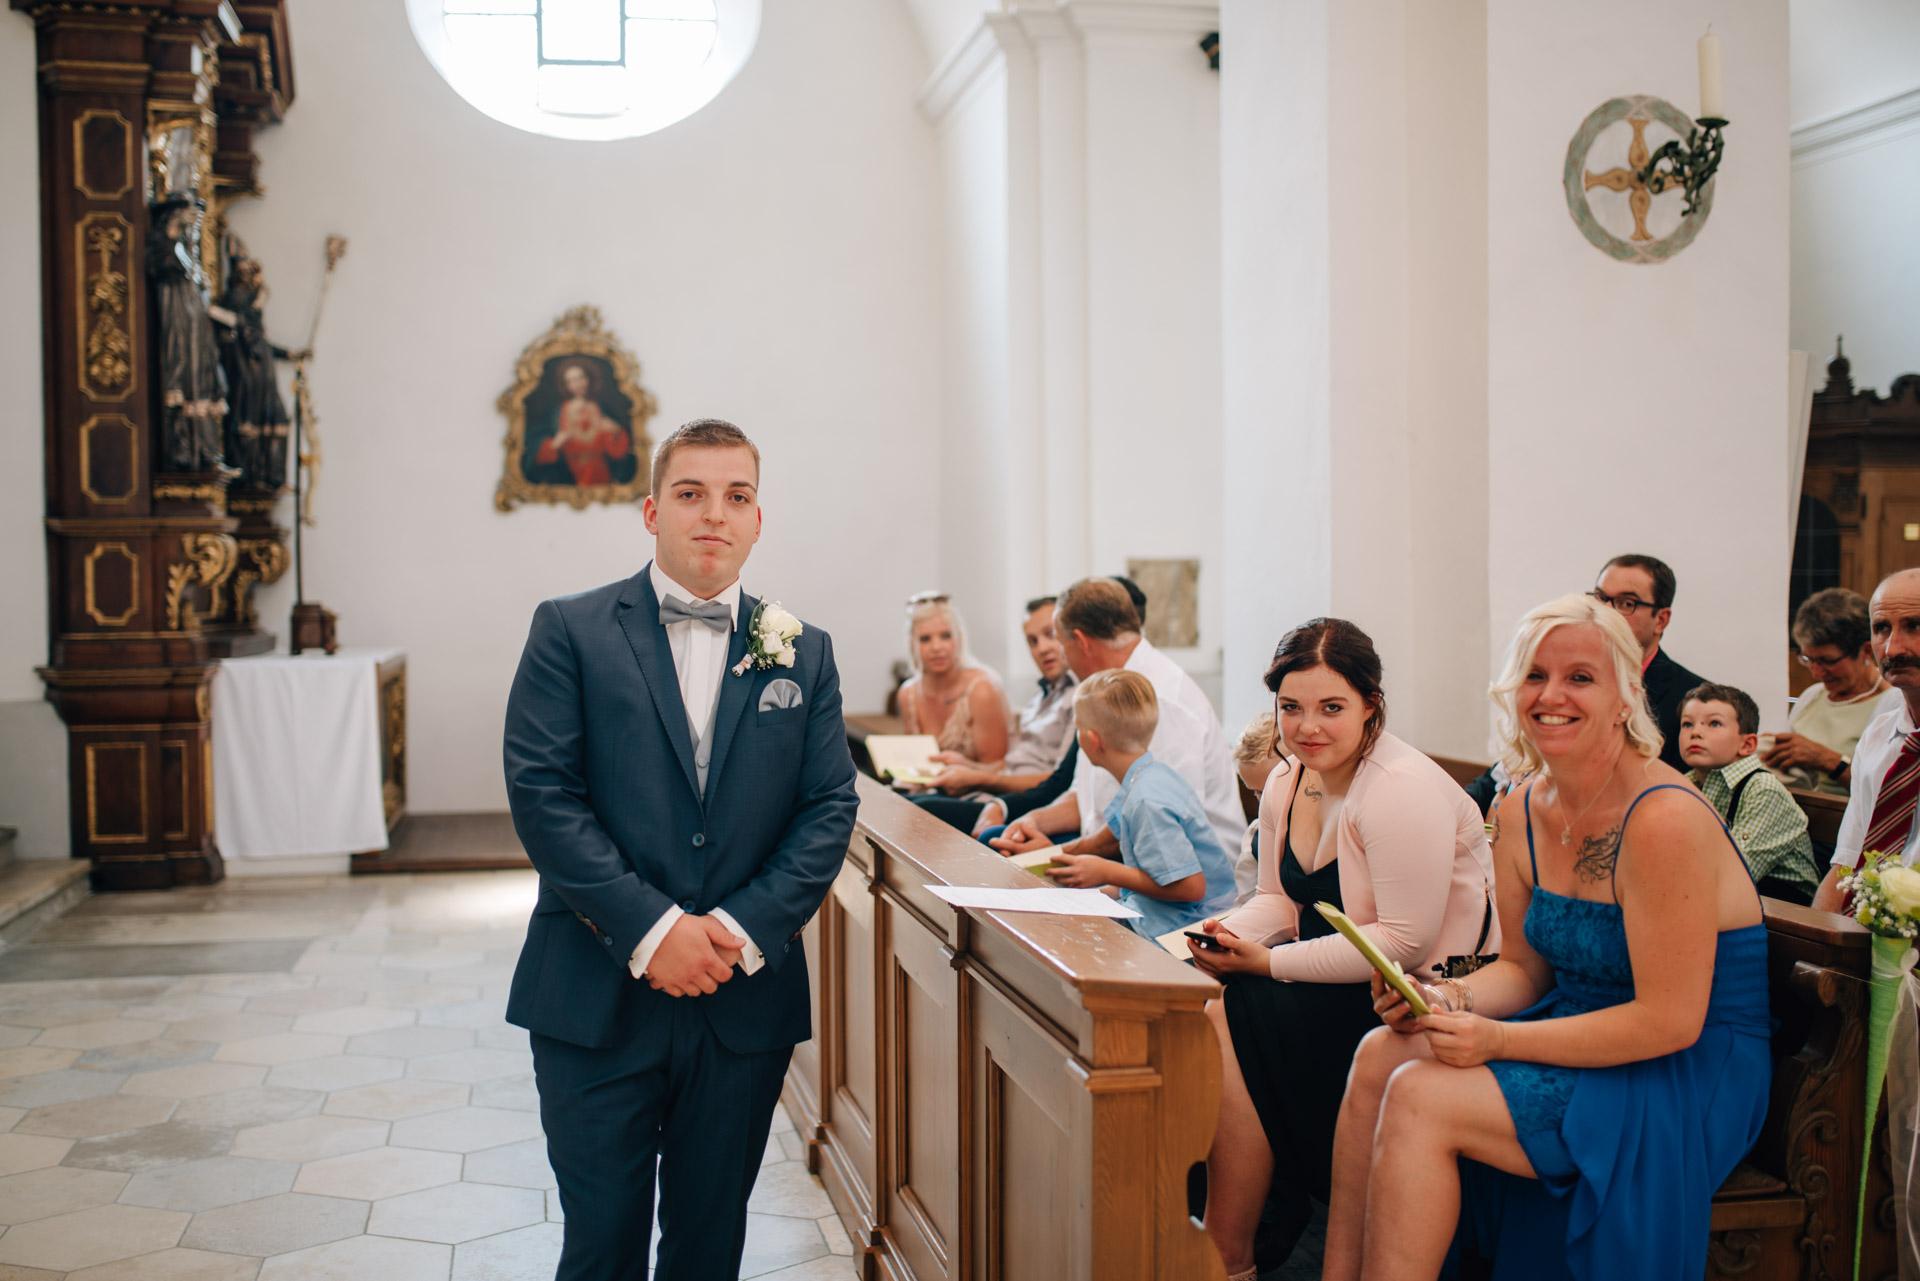 Bräutigam, St. Emmerald Spalt, kirchliche Trauung Spalt, Herzfotografie, Hochzeitsfotografie, Fotograf Hochzeit Spalt